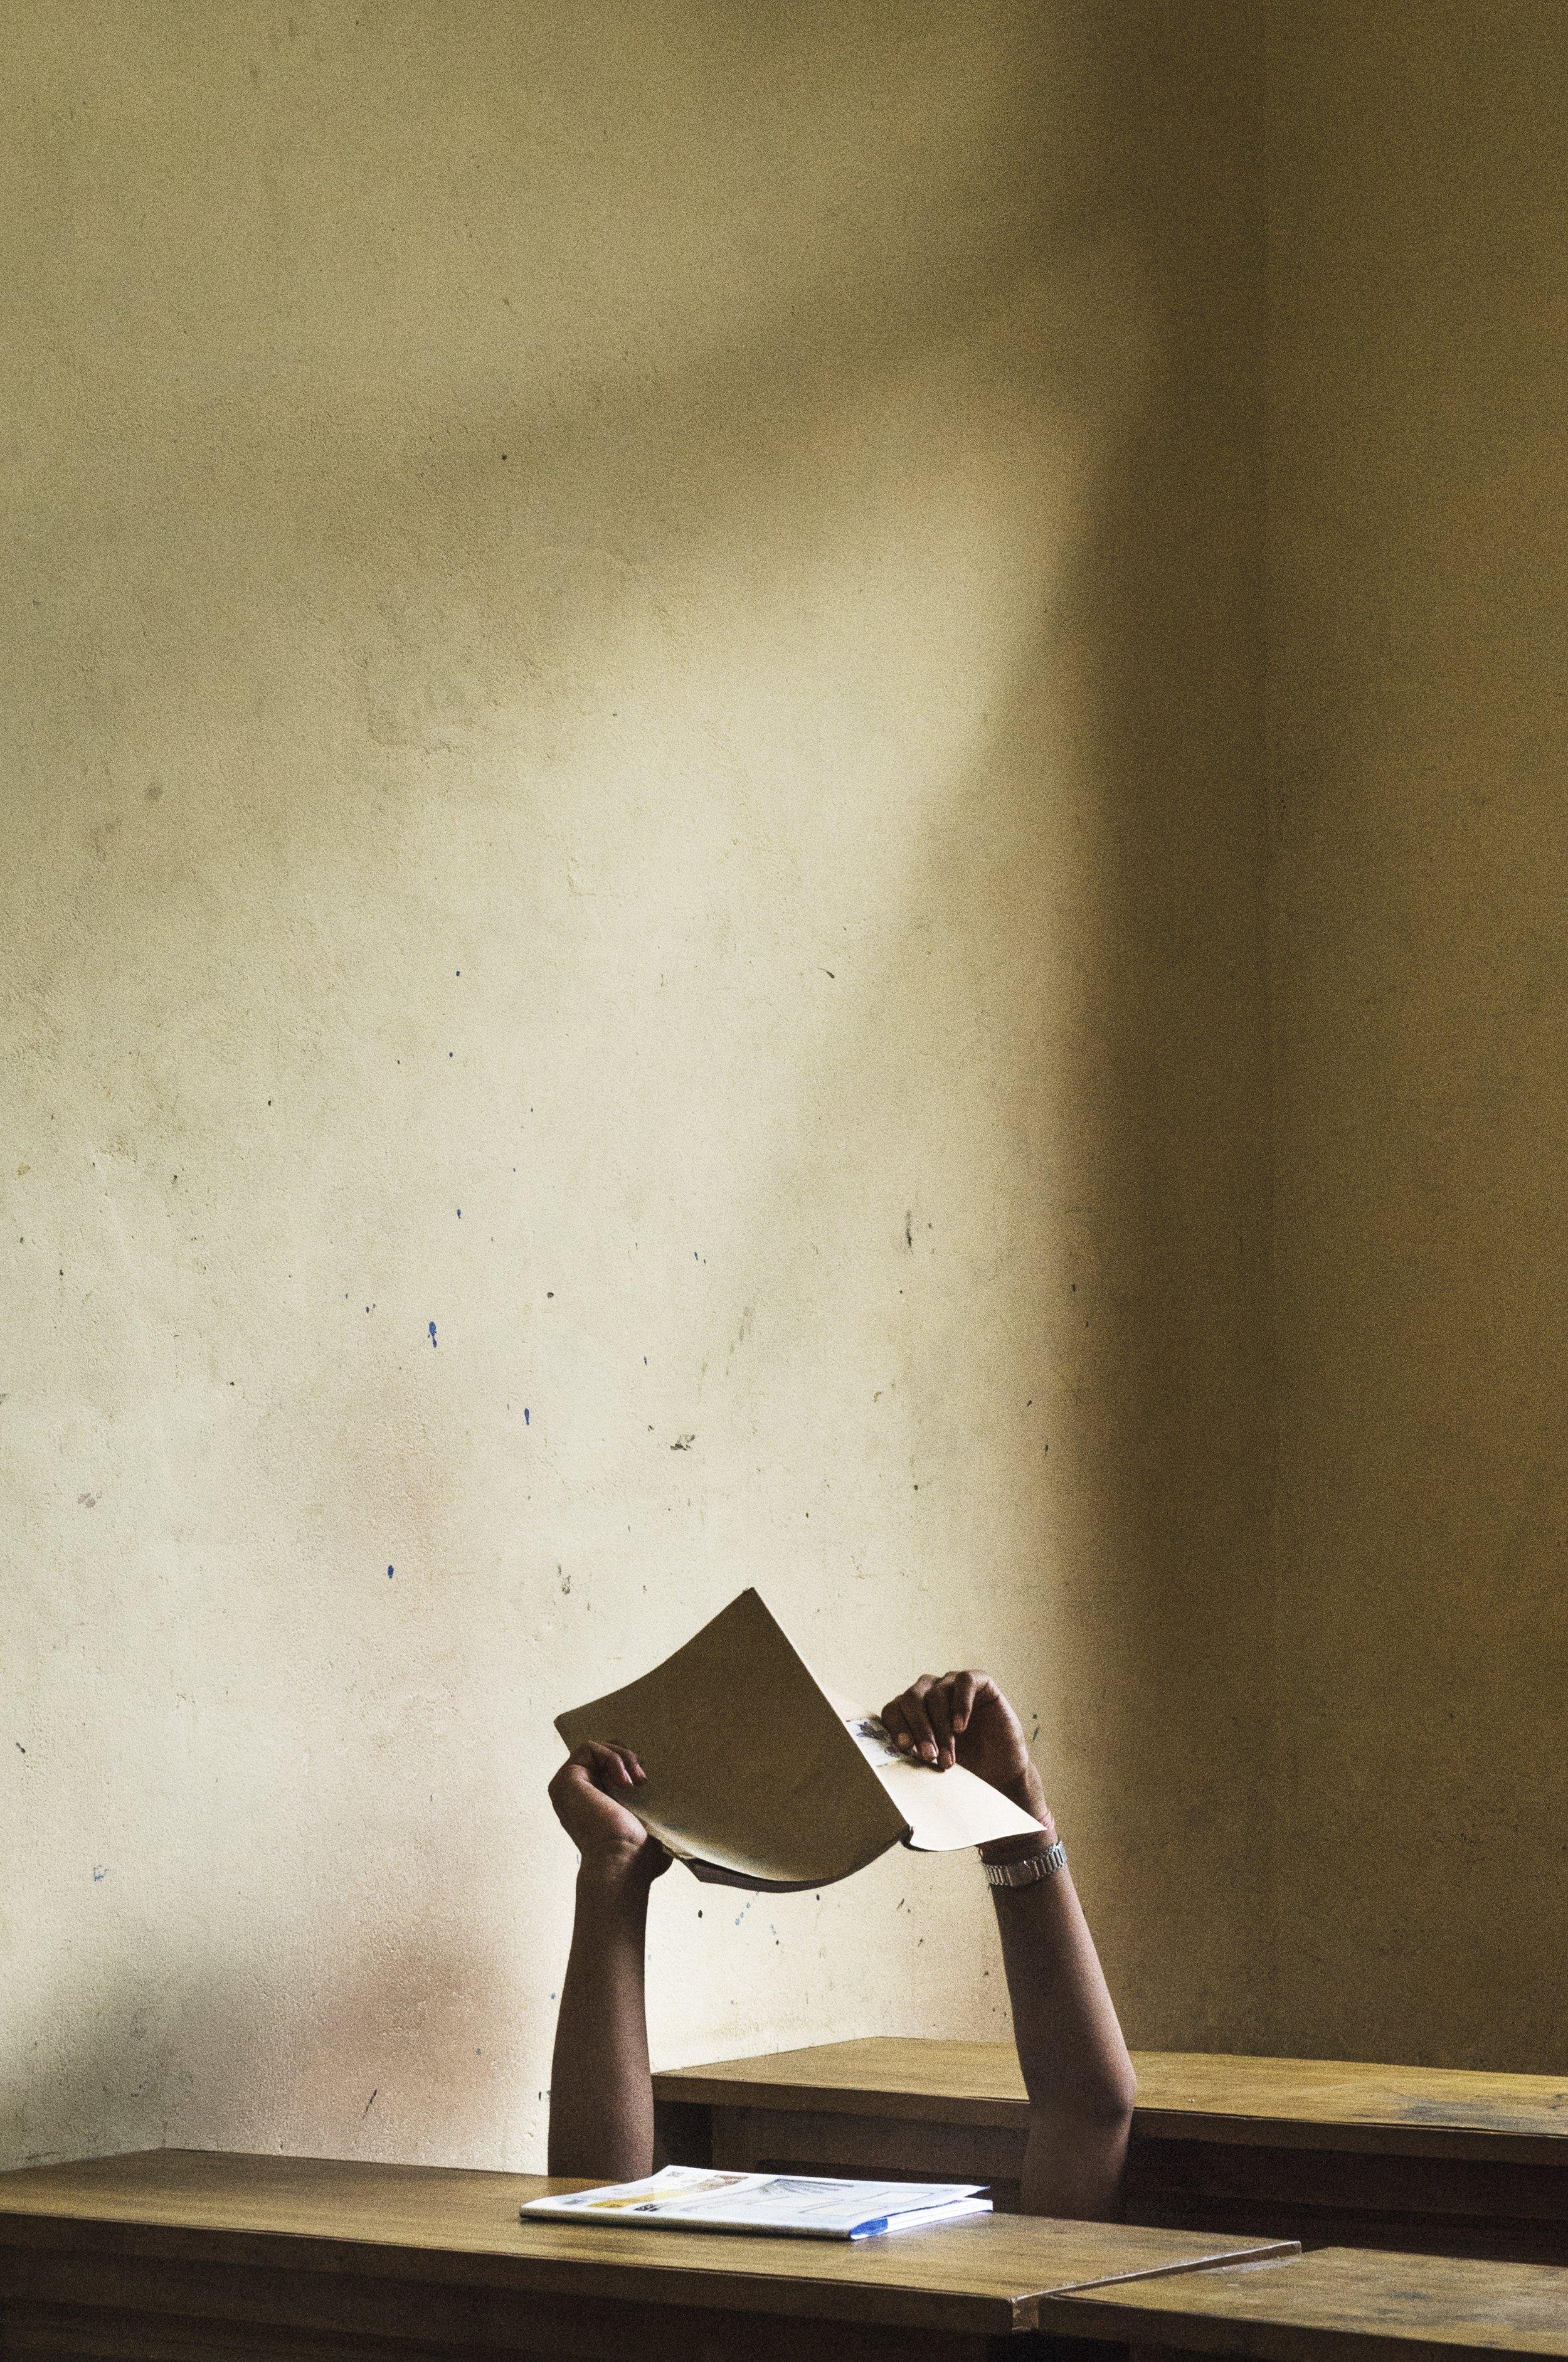 Tobi-Wilkinson_Gyuto-Repletion_Courtesy-Galerie-Thierry-Bigaignon.jpeg